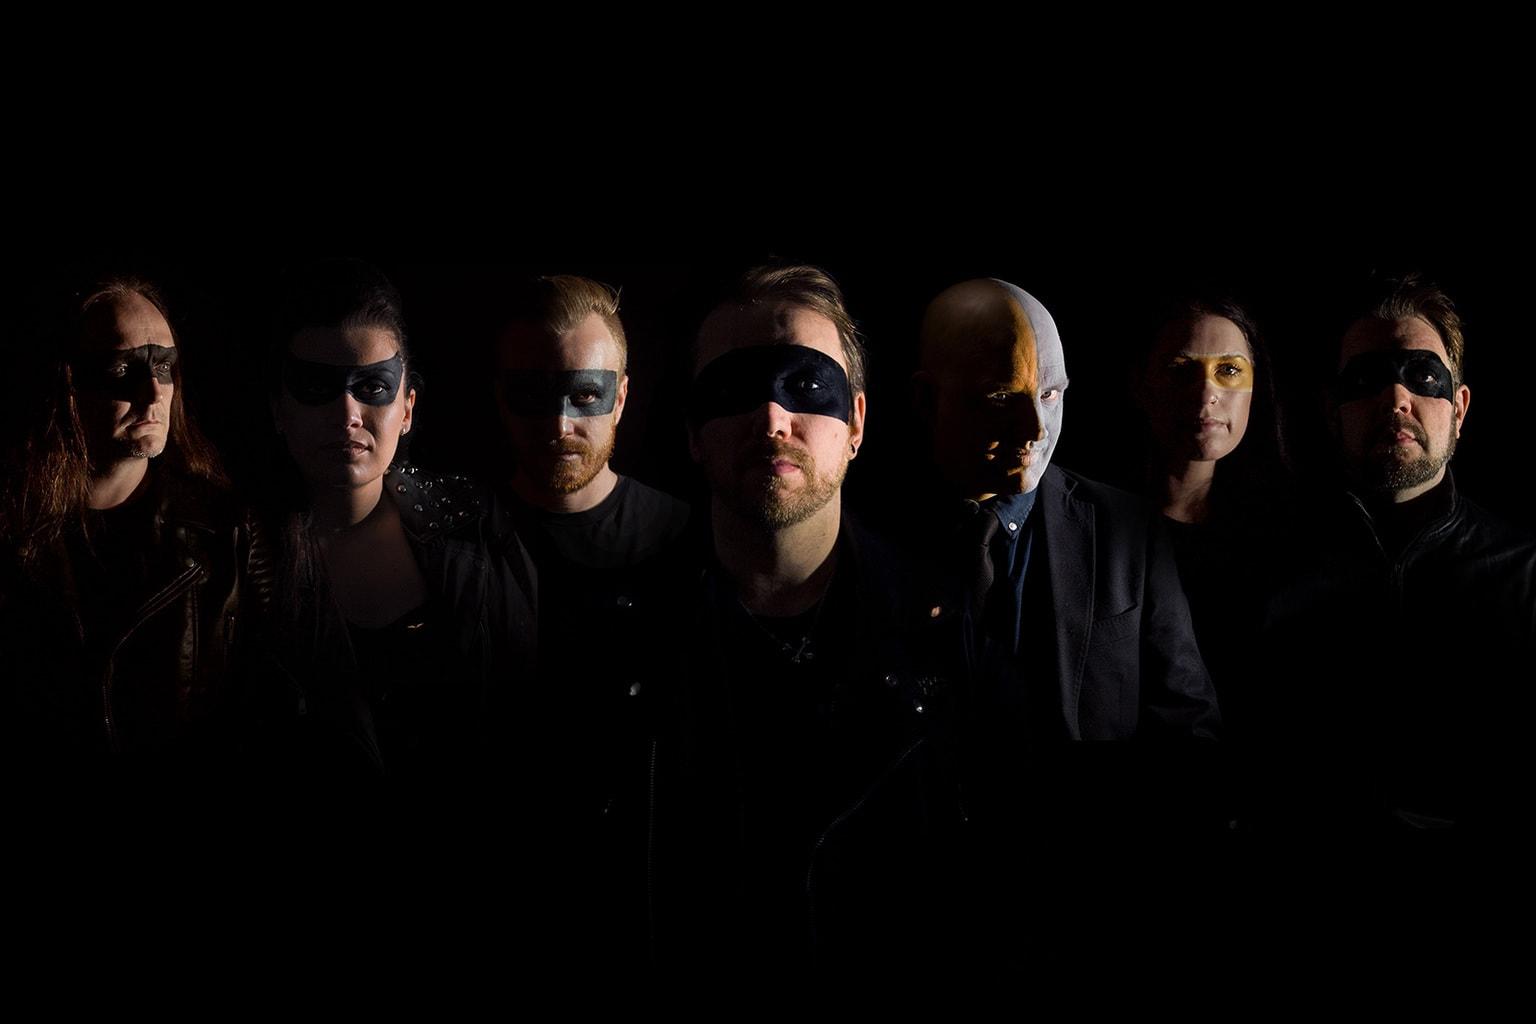 The Middlenight Men